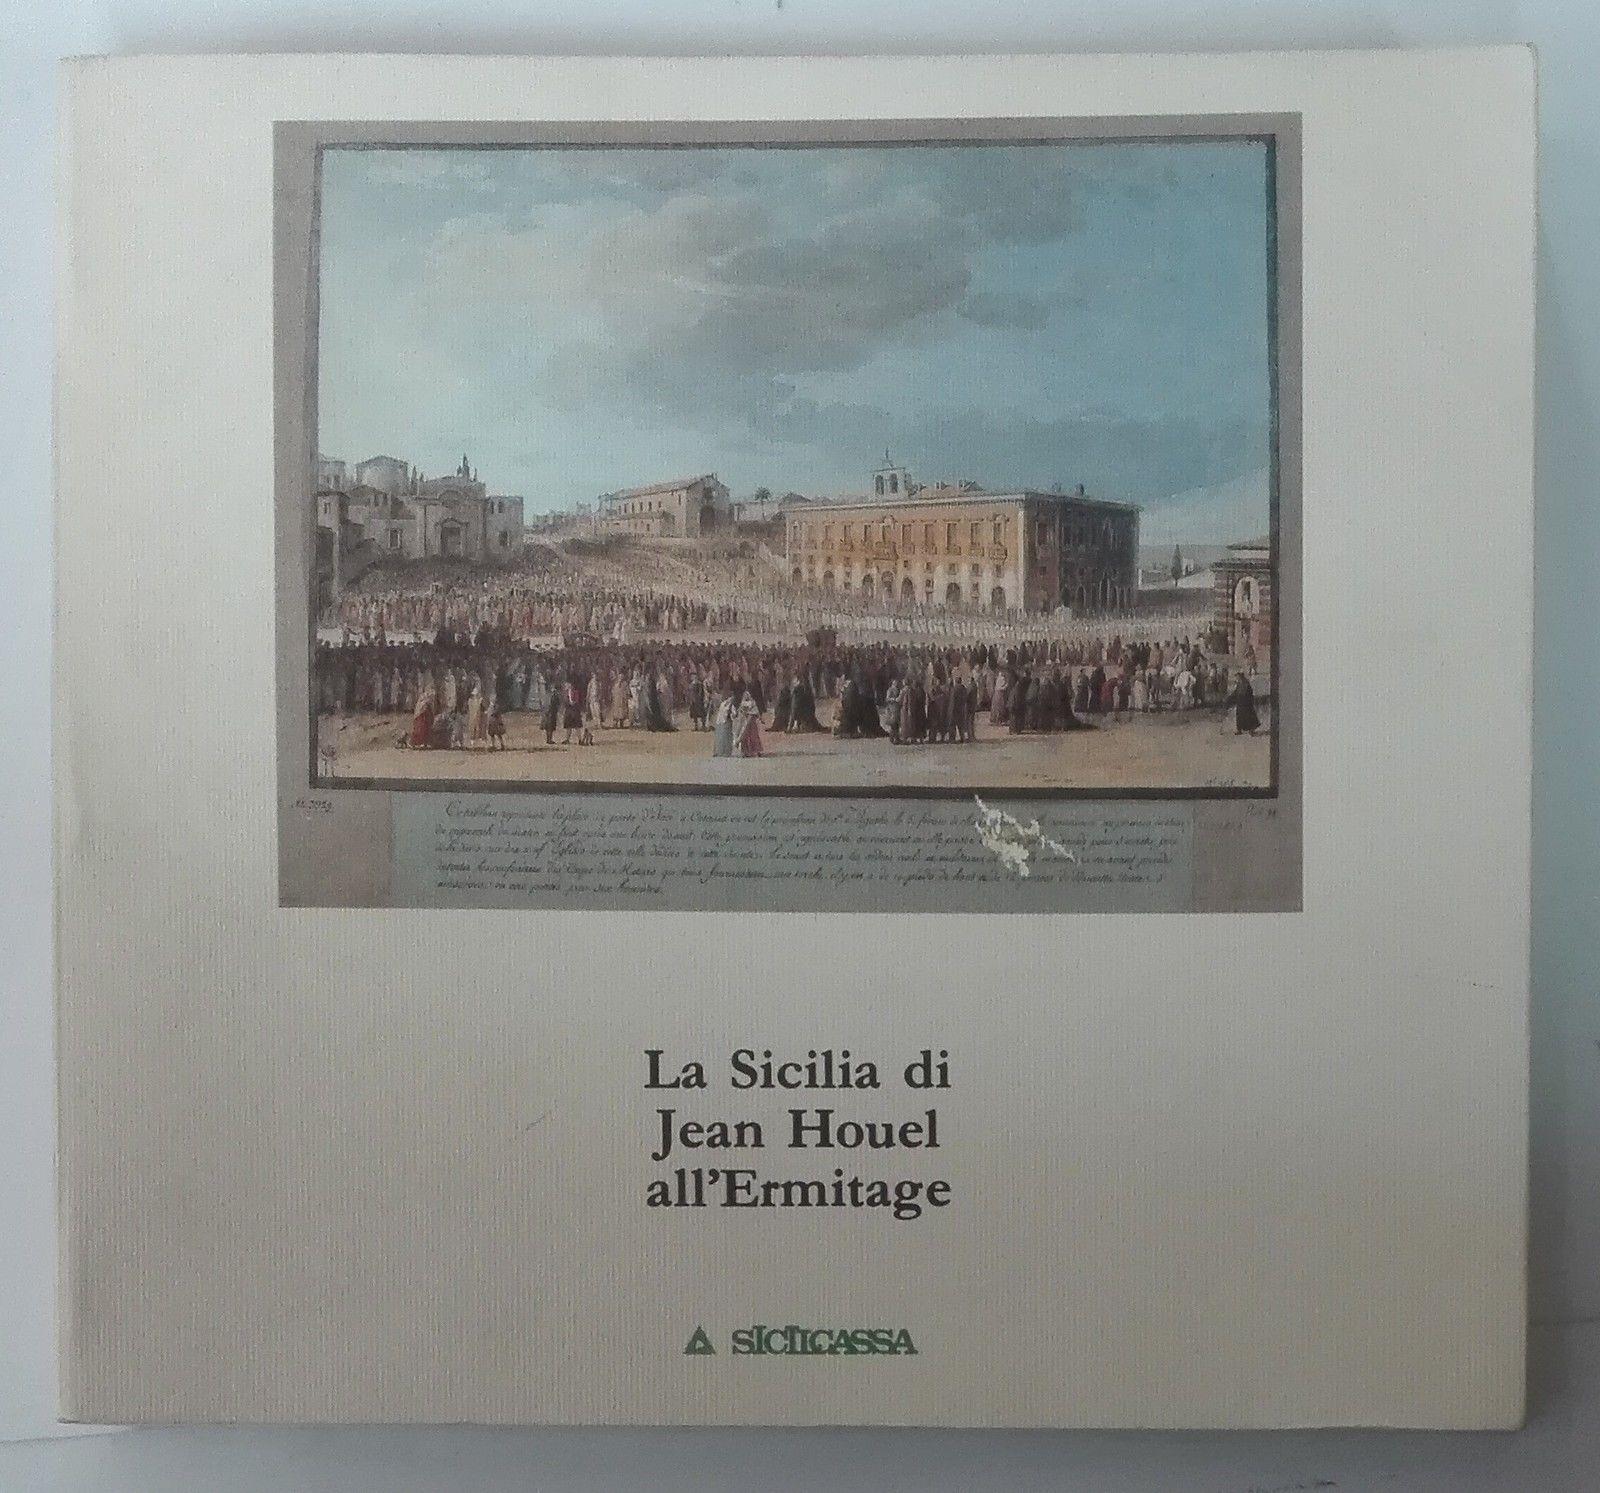 La Sicilia di Jean Houel all'Ermitage